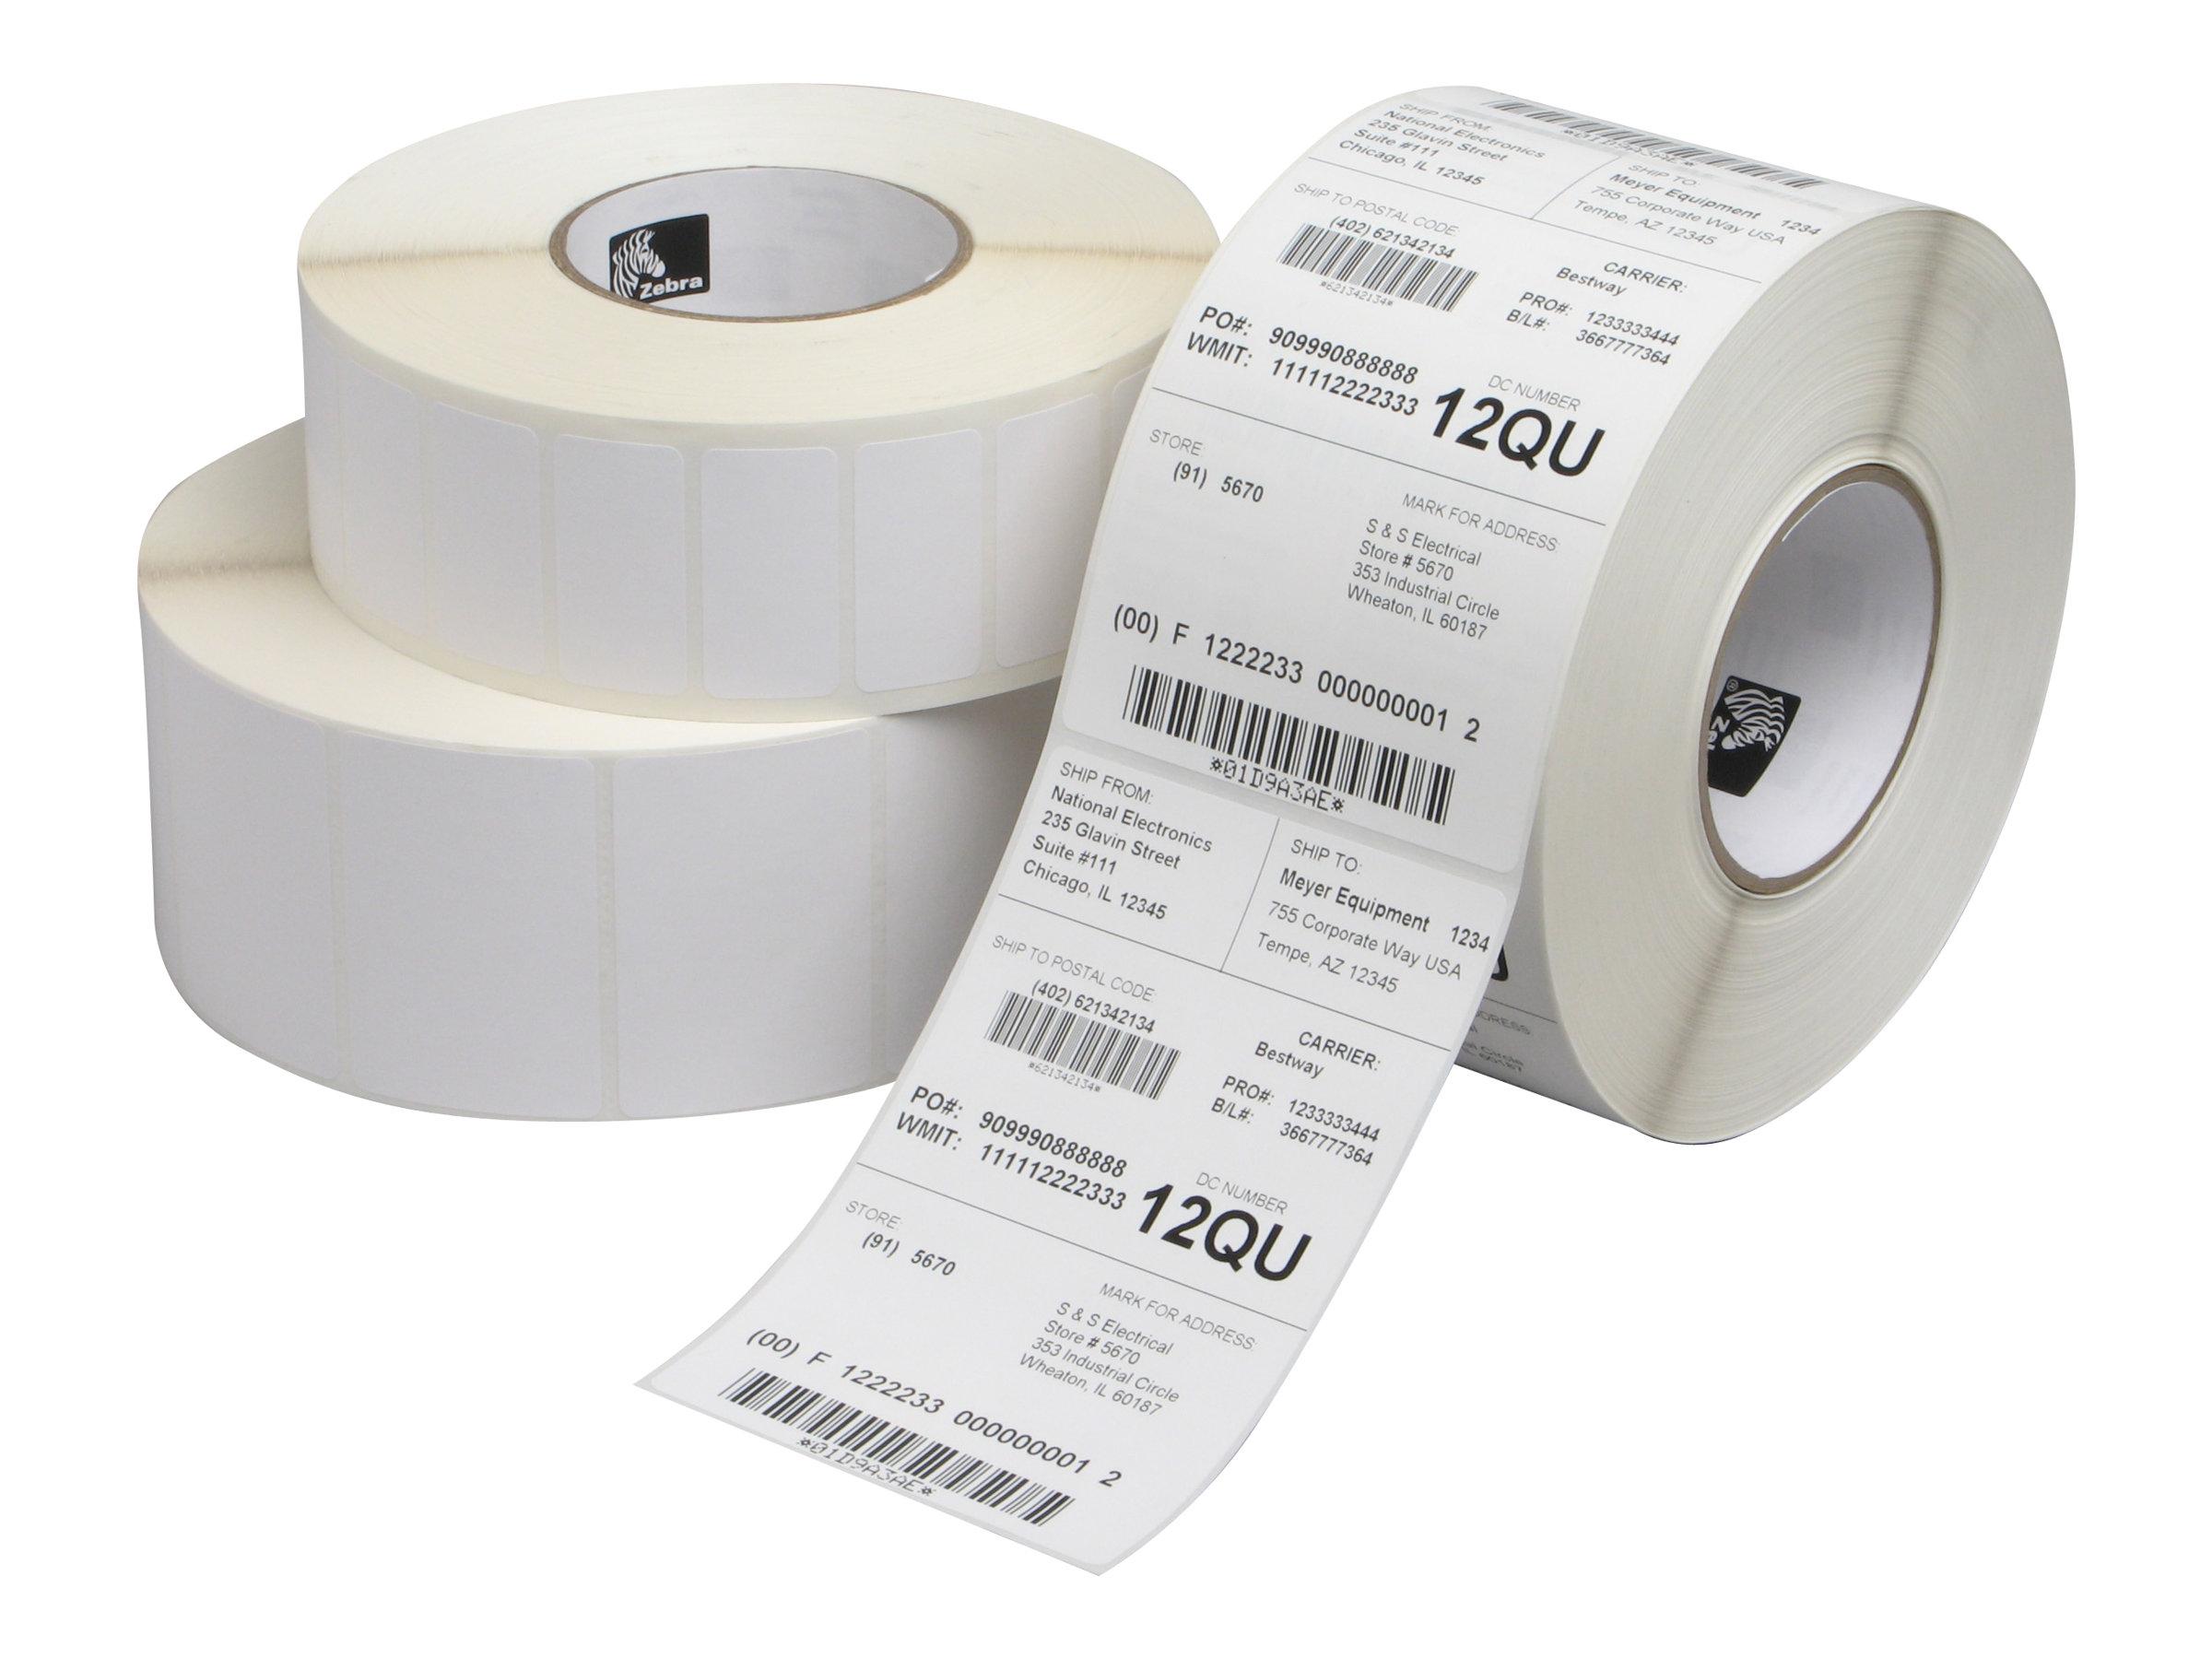 Zebra z perform 1000t papier permanenter klebstoff unbeschichtet 38 1 x 38 1 mm 43608 etikett en 12 rolle n x 3634 box etiketten 10530979 880834 038u